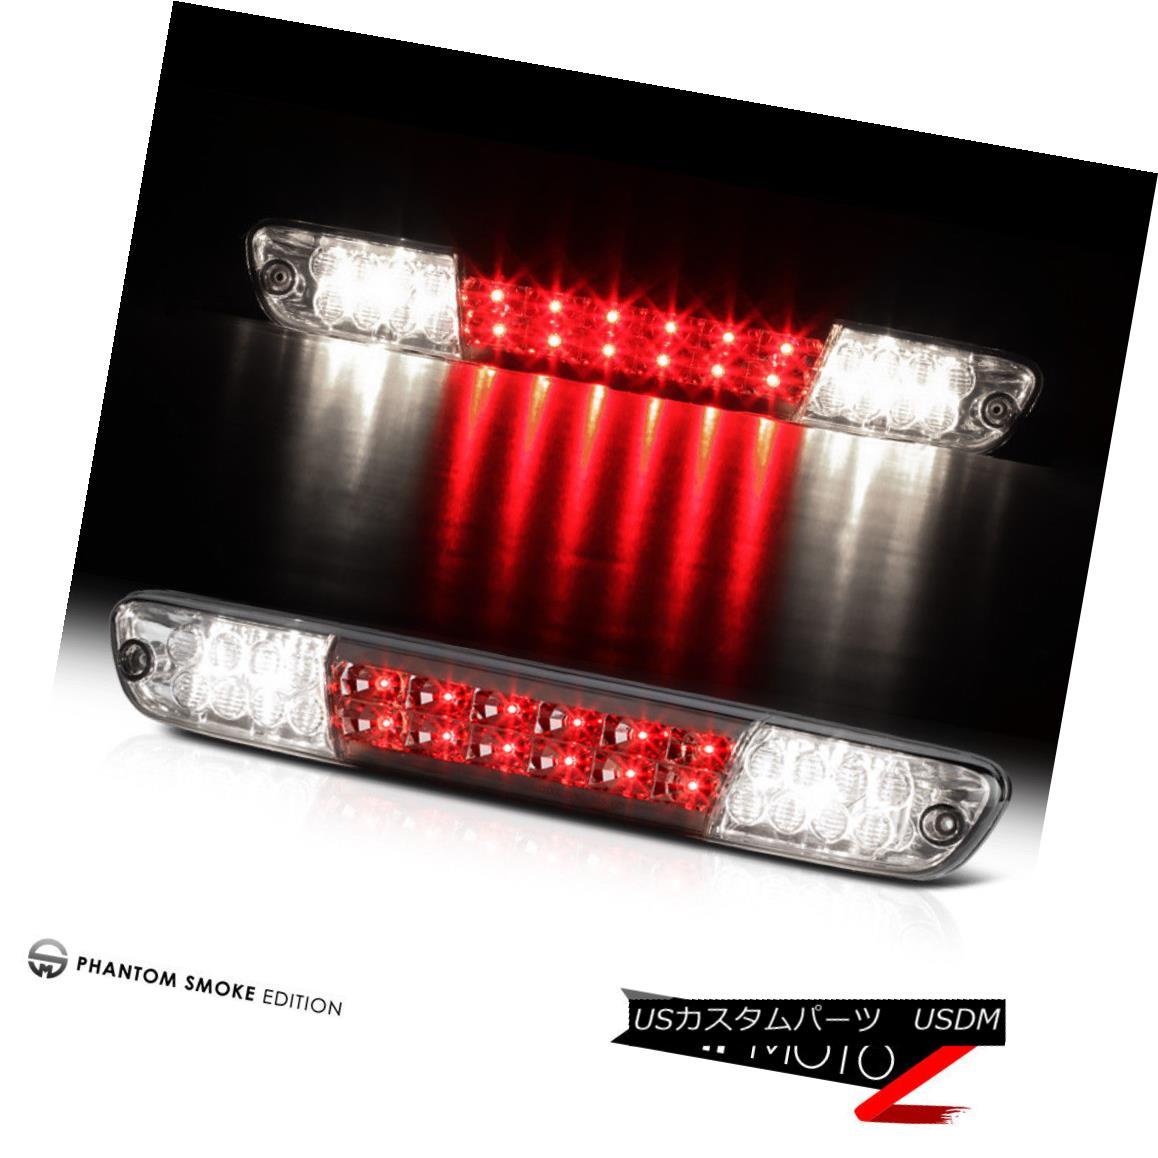 テールライト 2004-2012 Chevy Colorado GMC Canyon Smoke LED Cargo Cab Third Brake Tail Lights 2004年?2012年シボレー・コロラド州GMCキャニオン・スモークLEDカーゴ・キャブ第3ブレーキ・テール・ライト